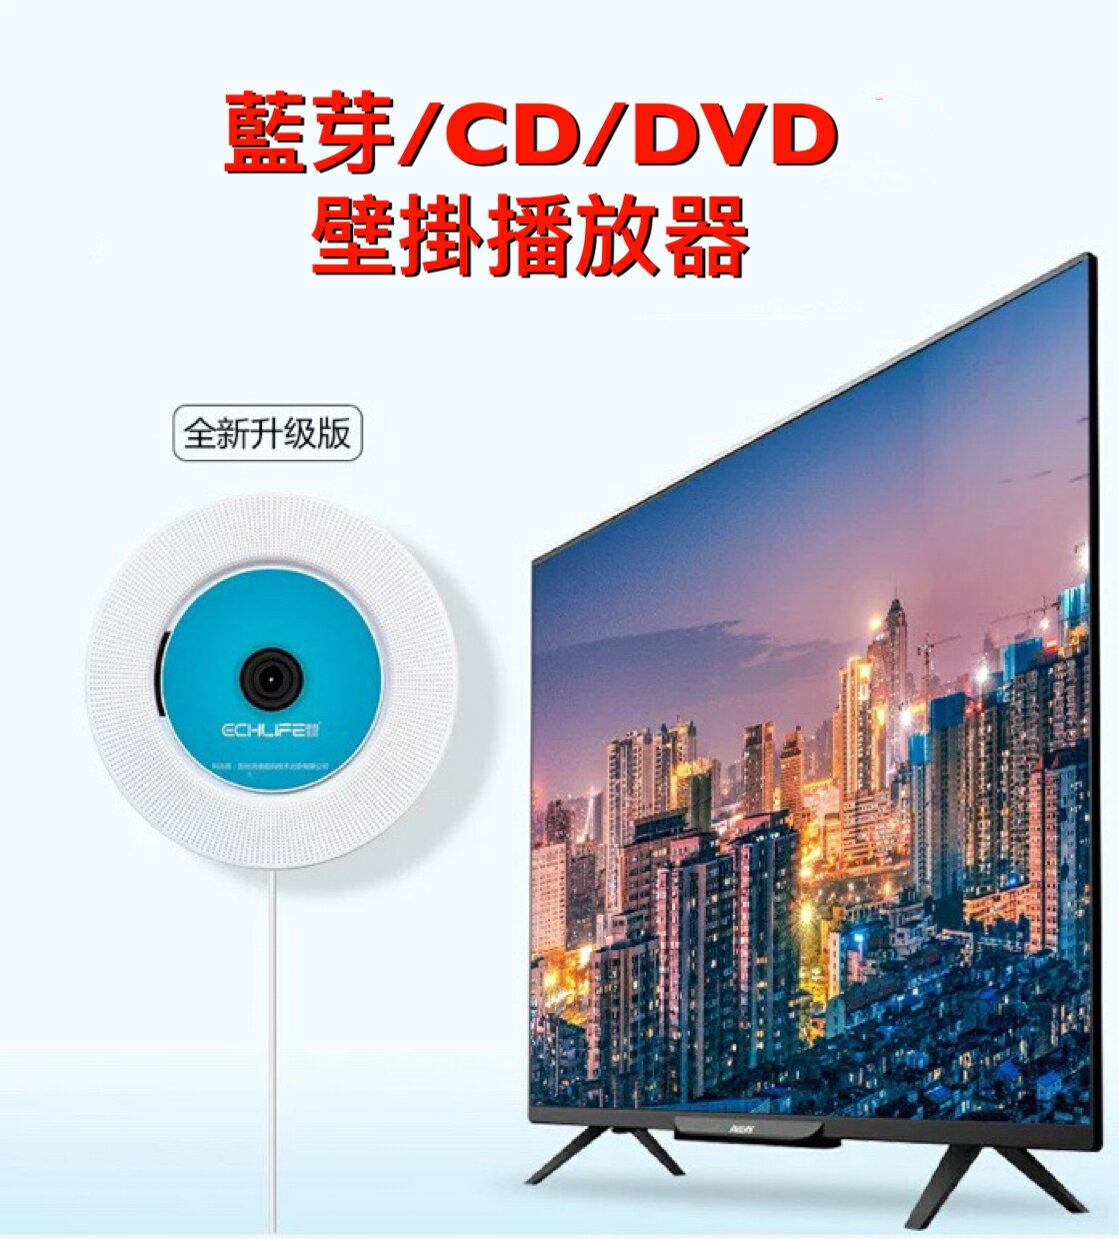 壁掛cd/dvd播放器 圓型素面款藍芽音響播放器 多功能家庭影音播放器